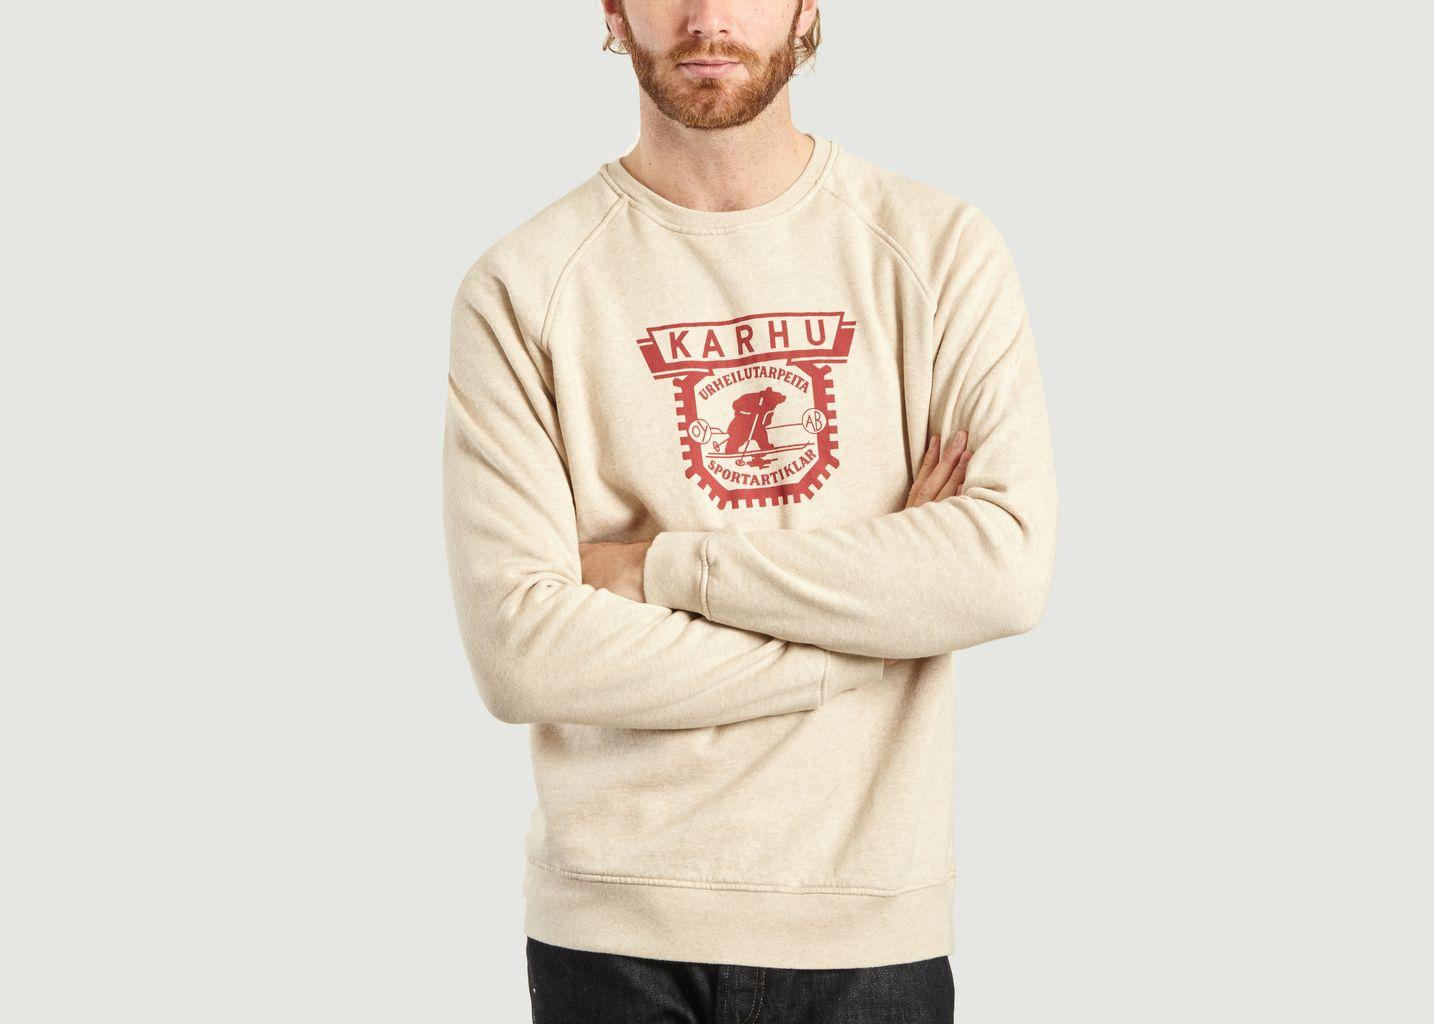 Sweatshirt Logo - Karhu